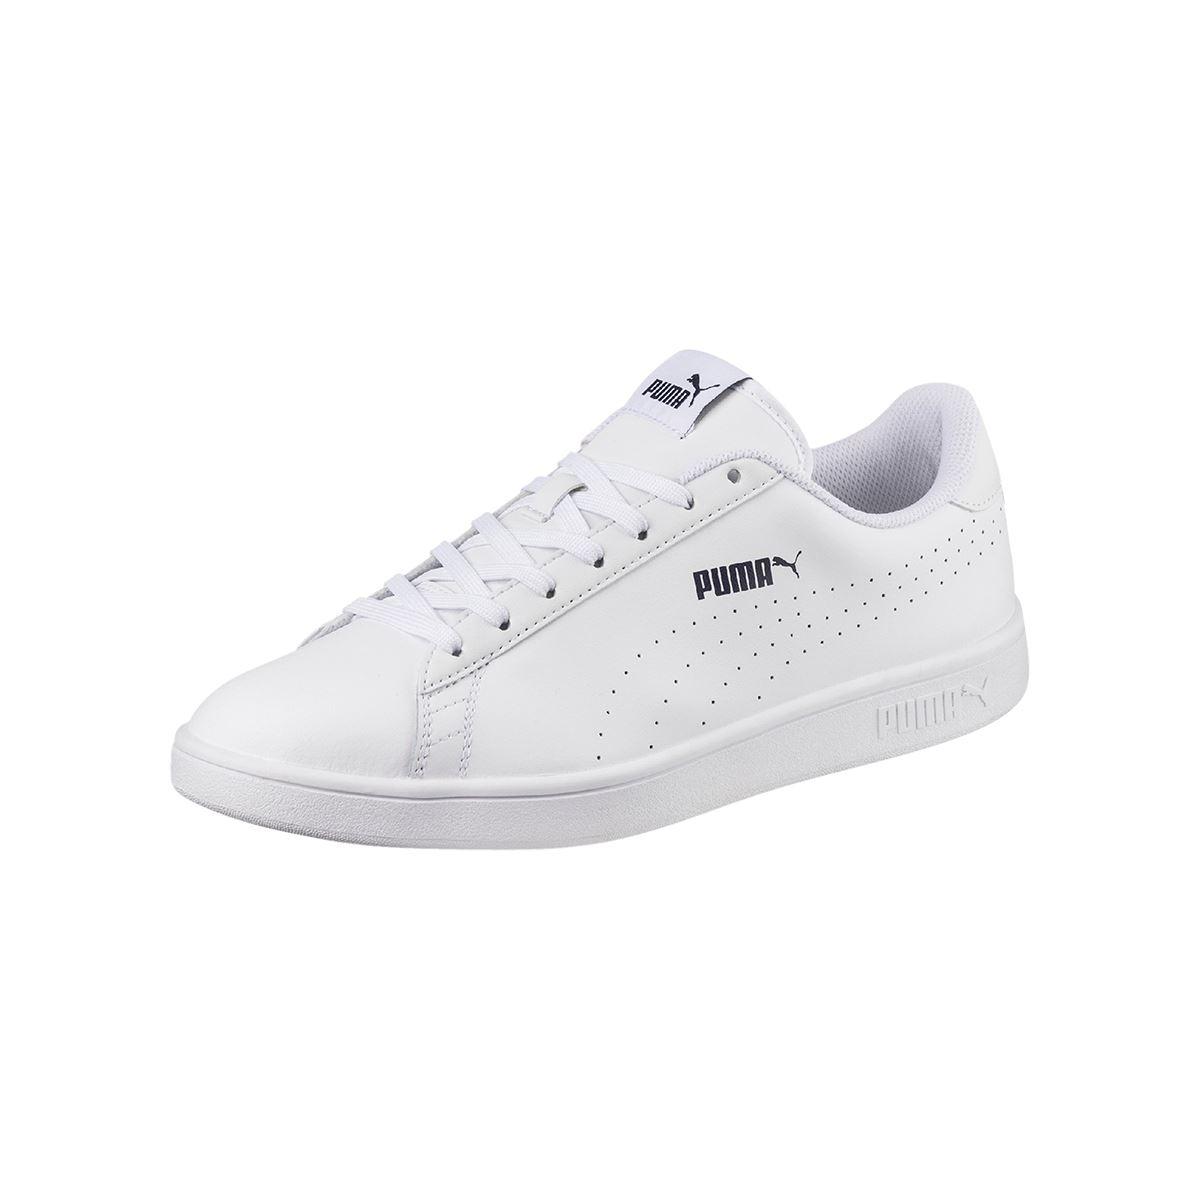 8e8dd0b357e Zapatilla Puma SMASH V2 L PERF para Hombre color Blanco